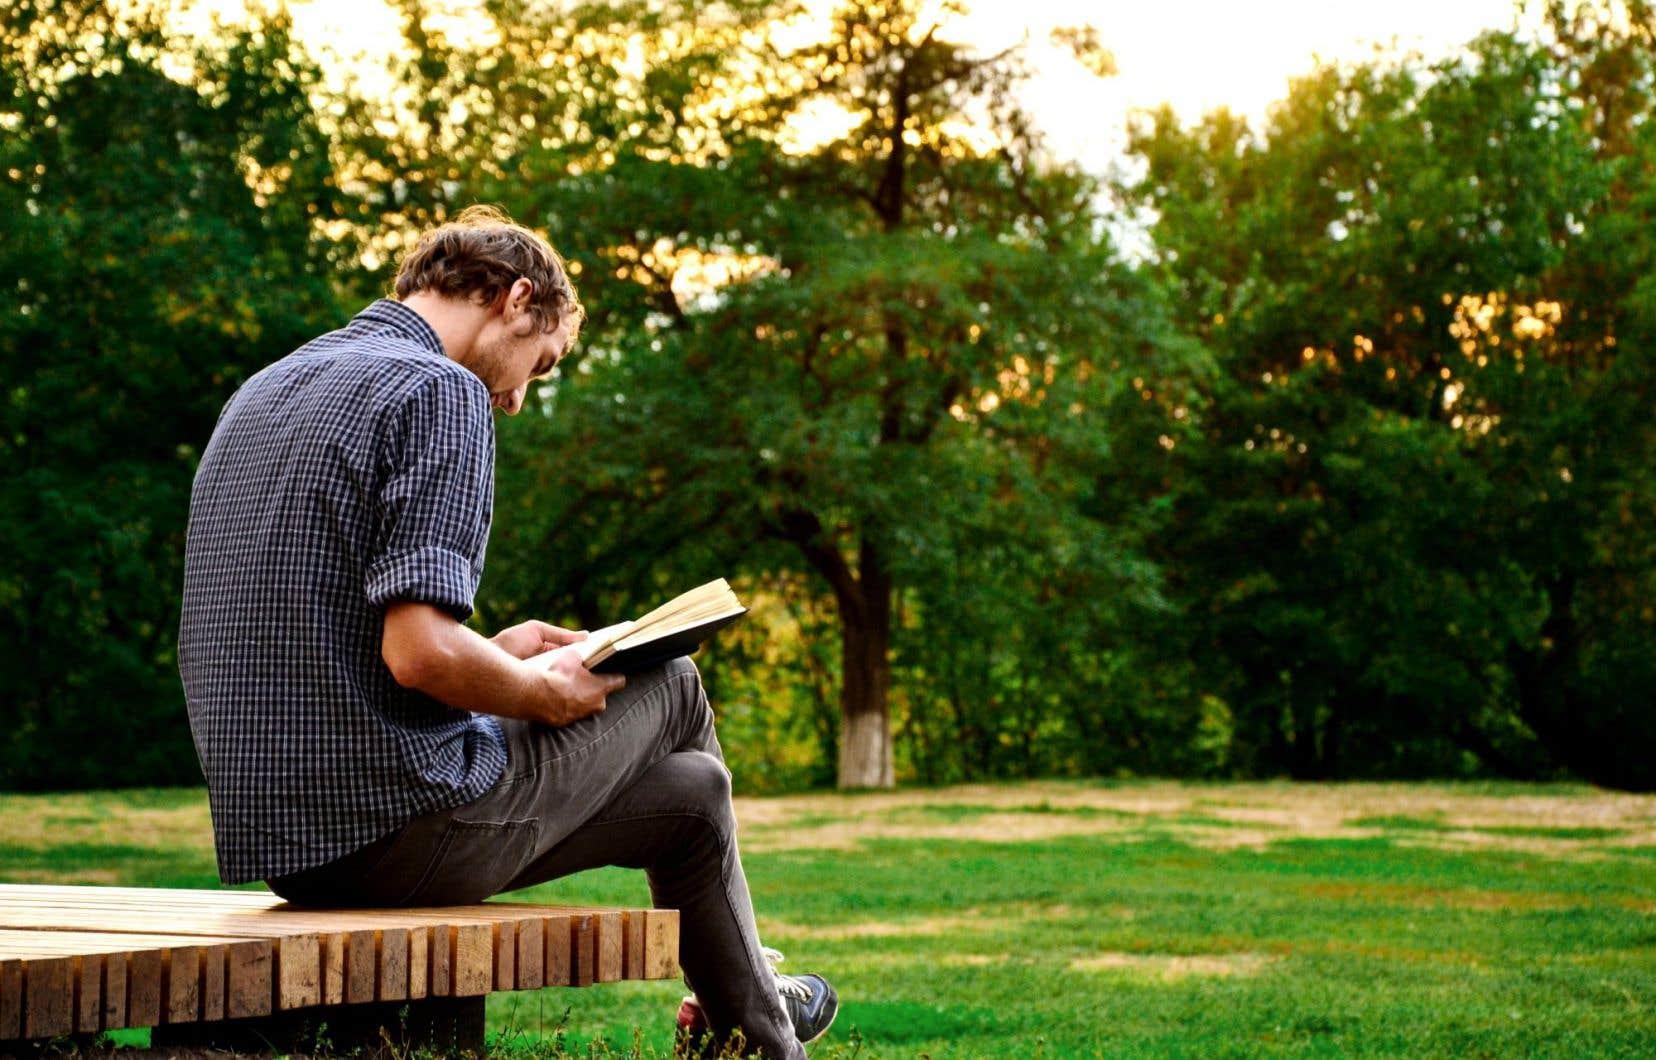 Certaines écoles aux États-Unis, rappelle Azar Nafisi, refusent désormais d'enseigner des chefs-d'œuvre de la littérature comme «Les aventures de Huckleberry Finn», de Mark Twain, sous prétexte que des mots ou des passages pourraient offenser les jeunes lecteurs.